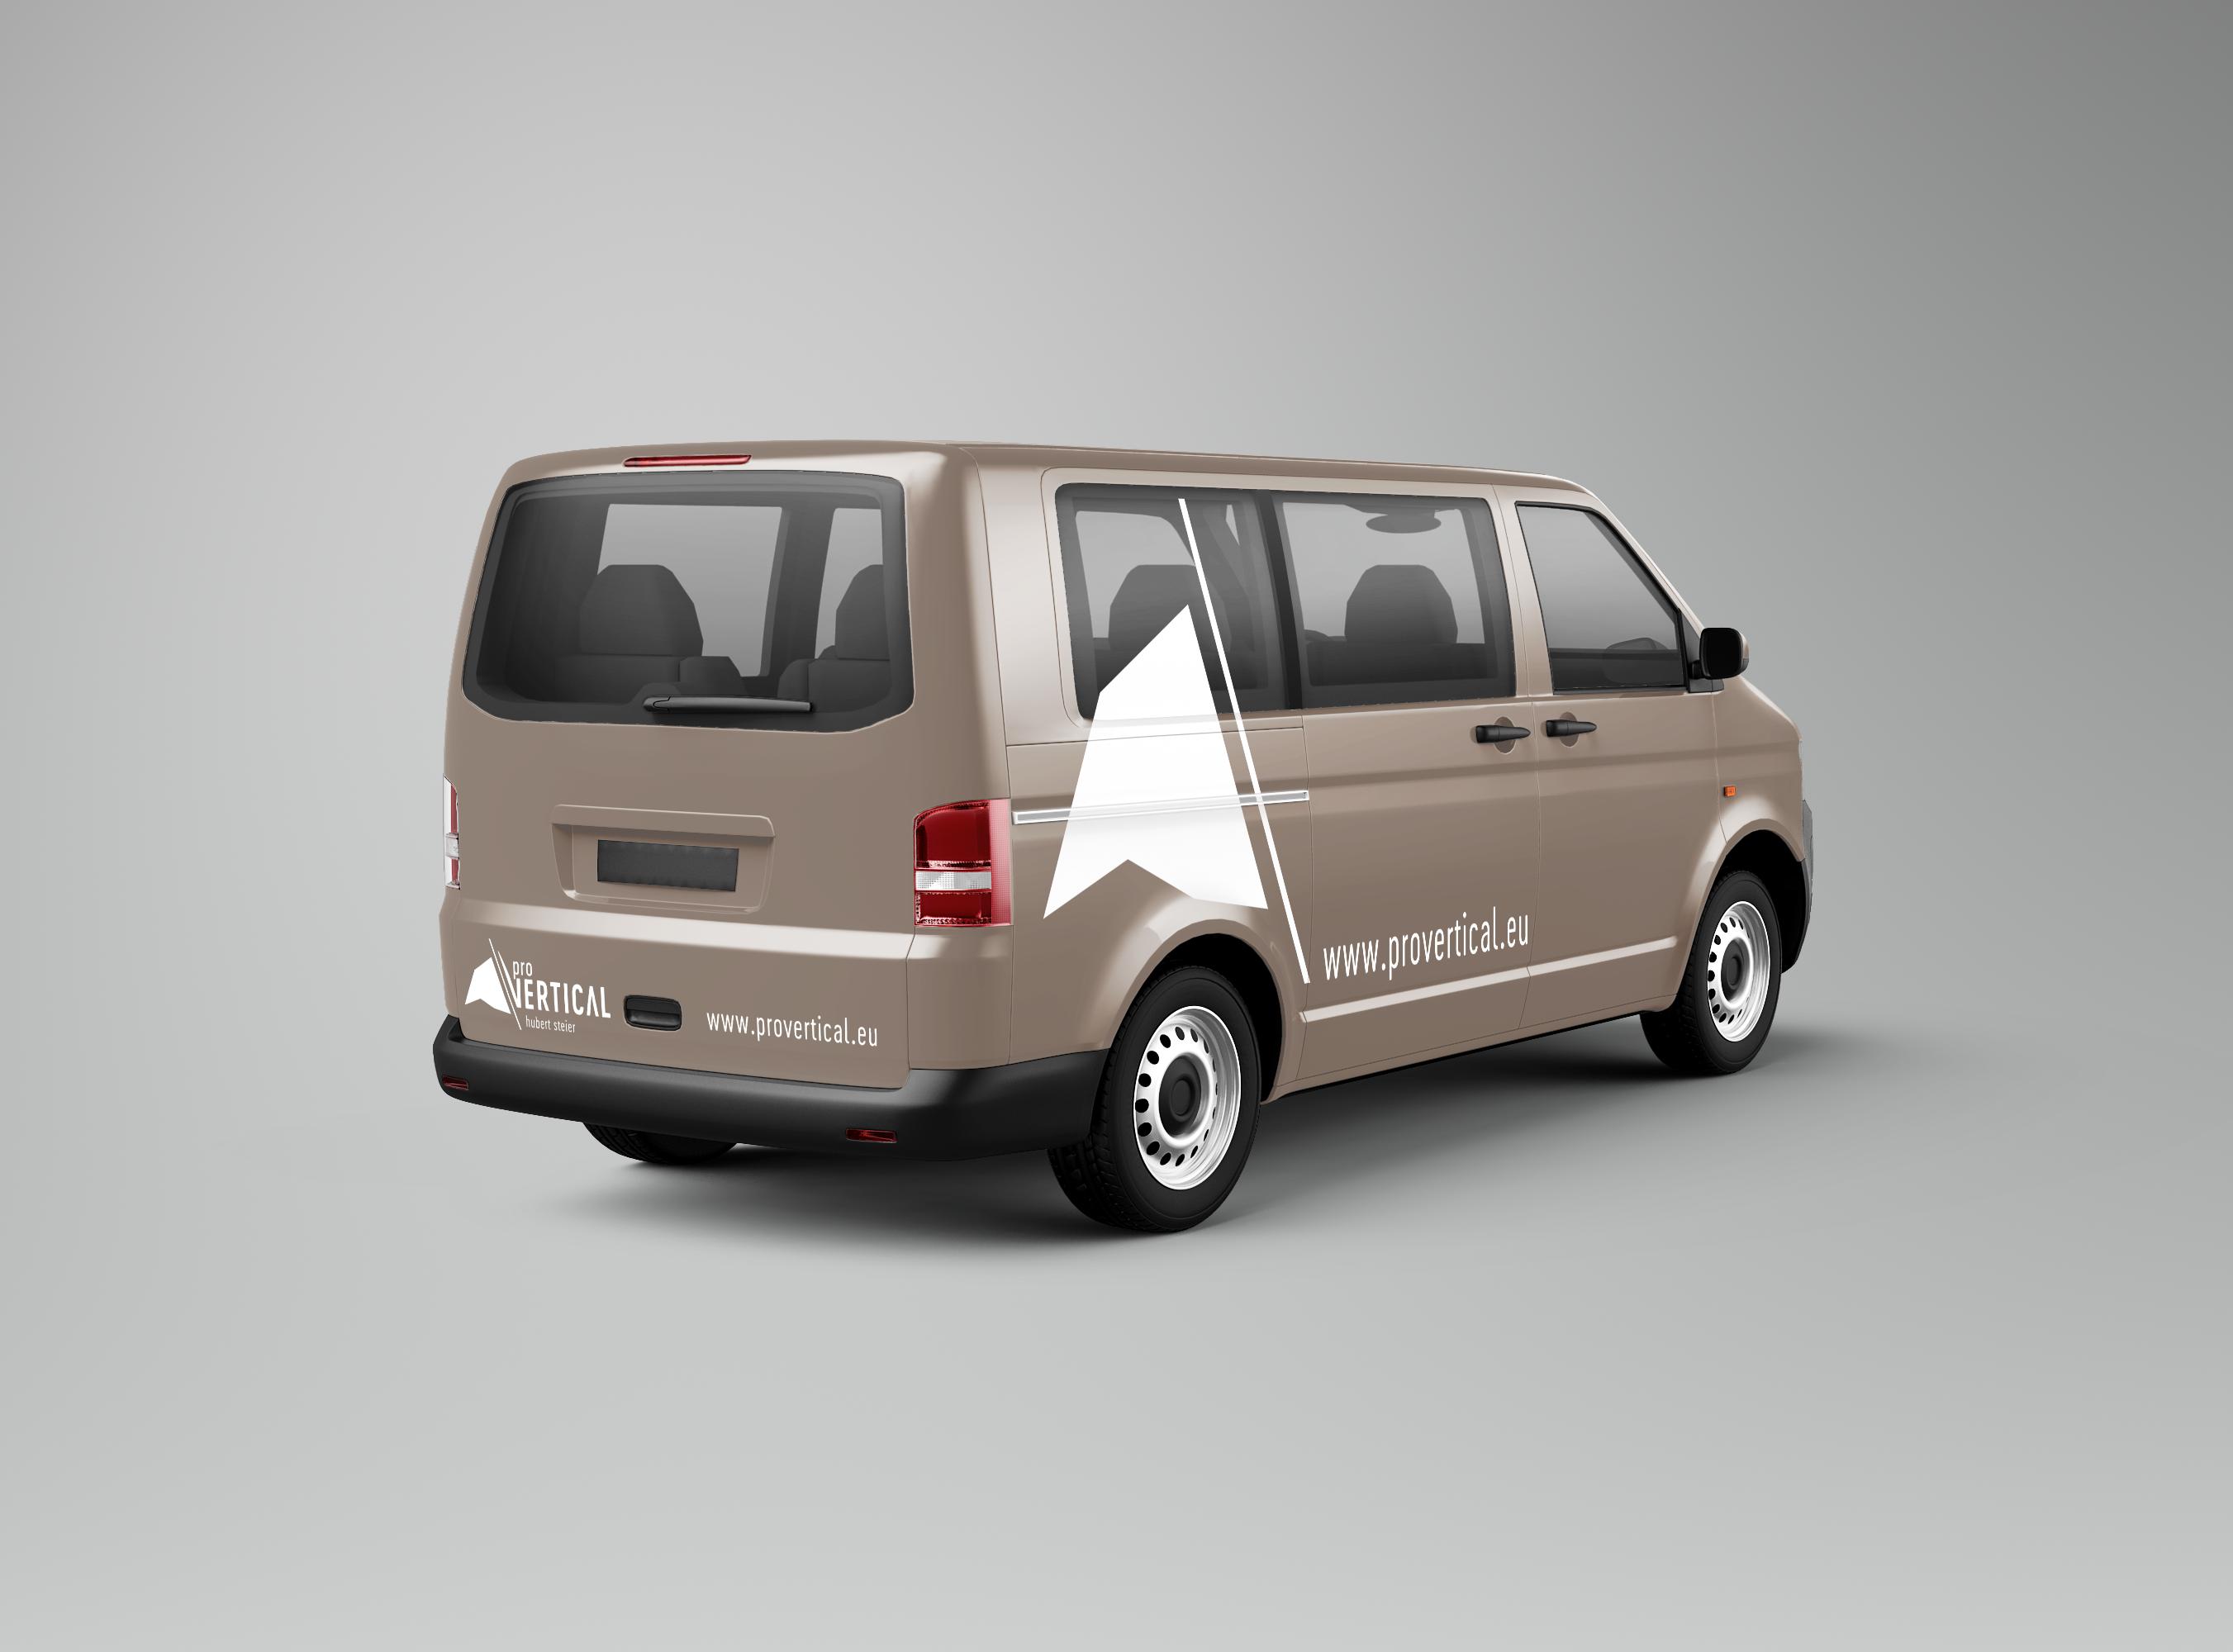 VW-seite-rechts2